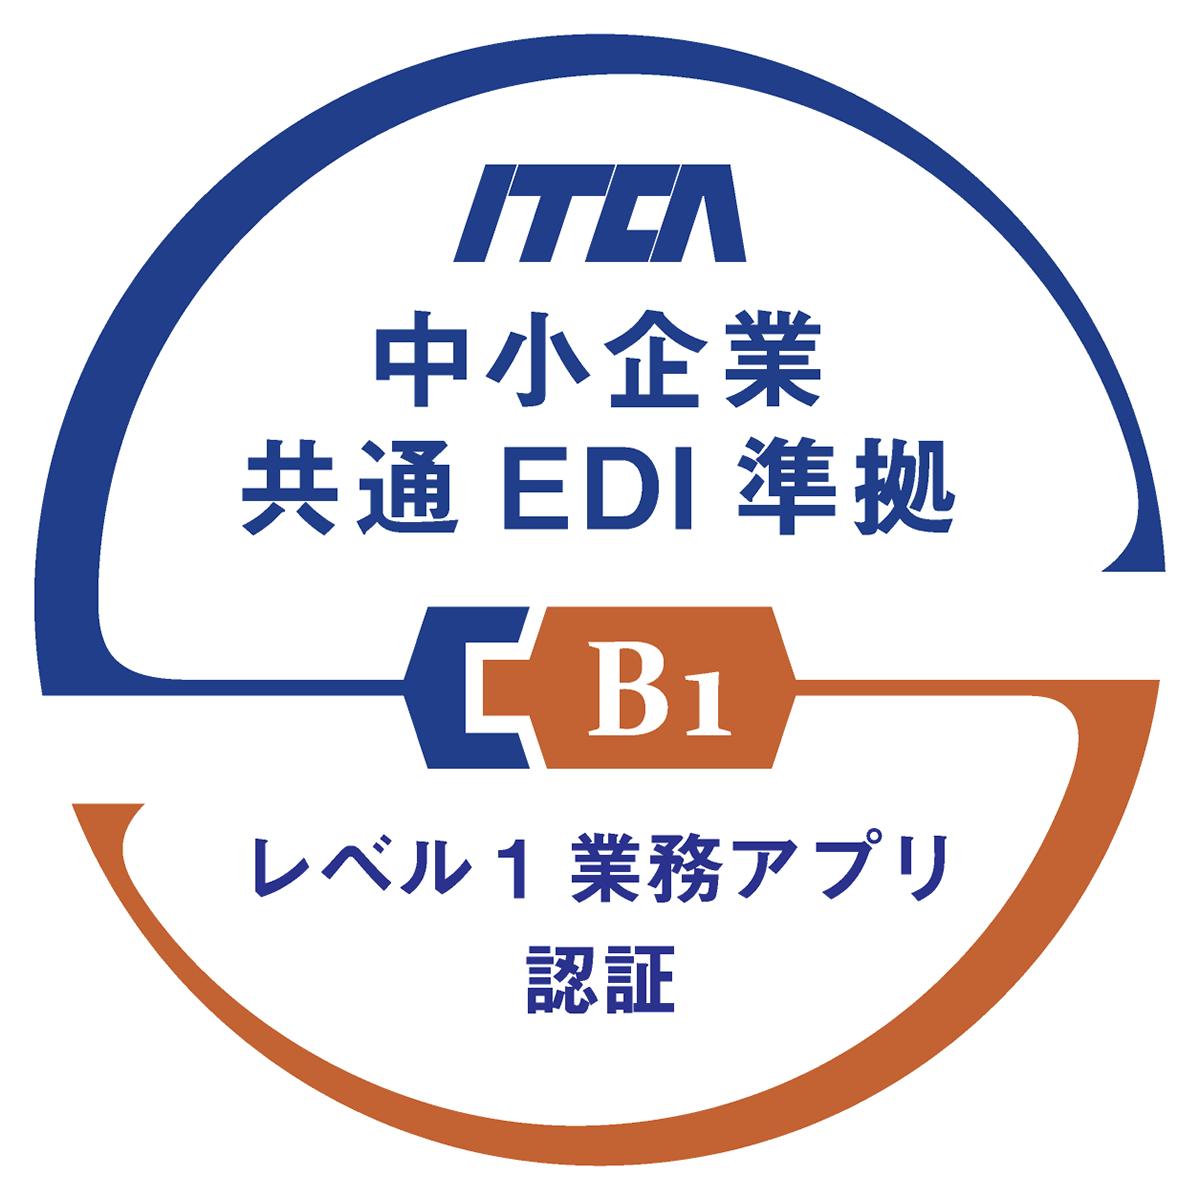 共通EDIレベル1業務アプリ認証